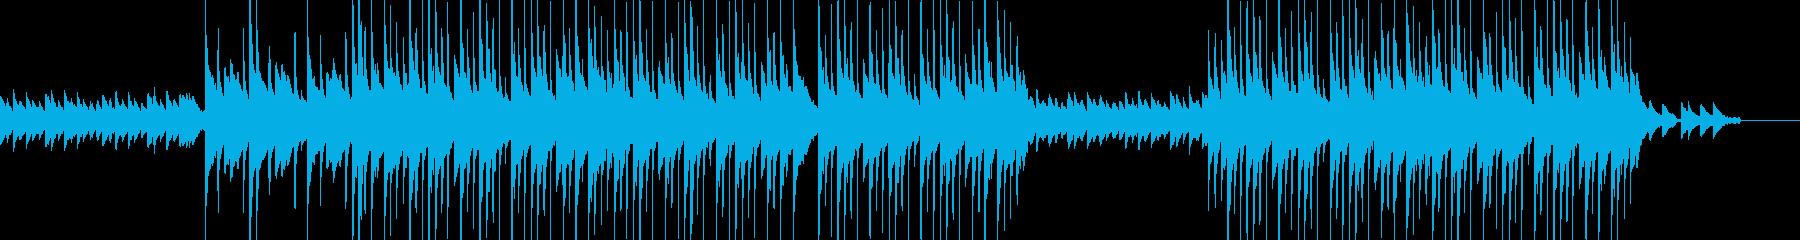 和風で落ち着きのある曲です。日本の森な…の再生済みの波形